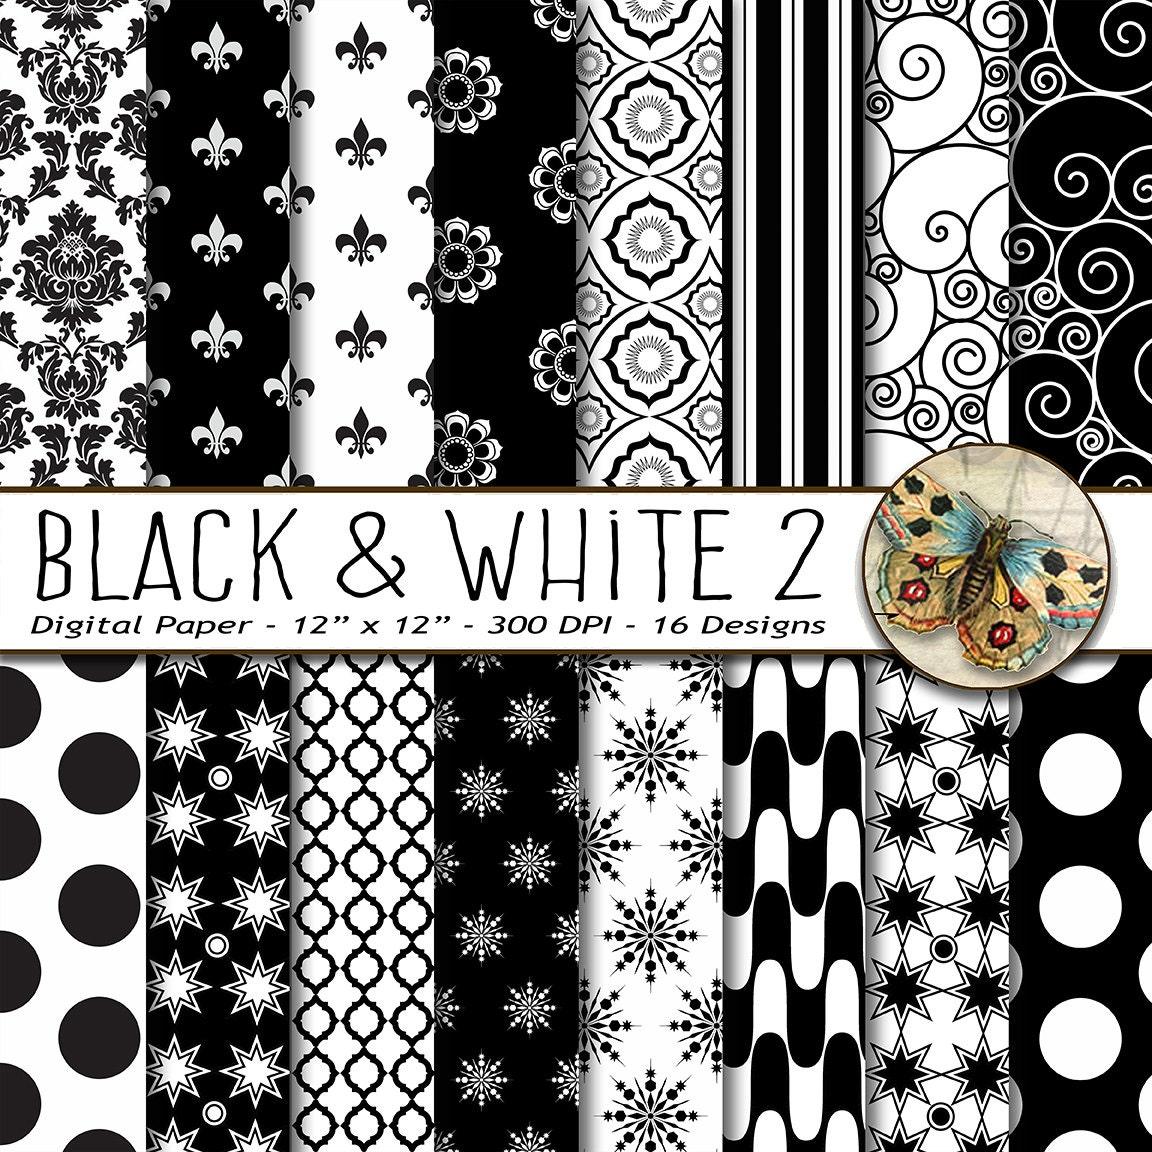 Schwarz und weiß digitalem Papier schwarz / weiß Muster